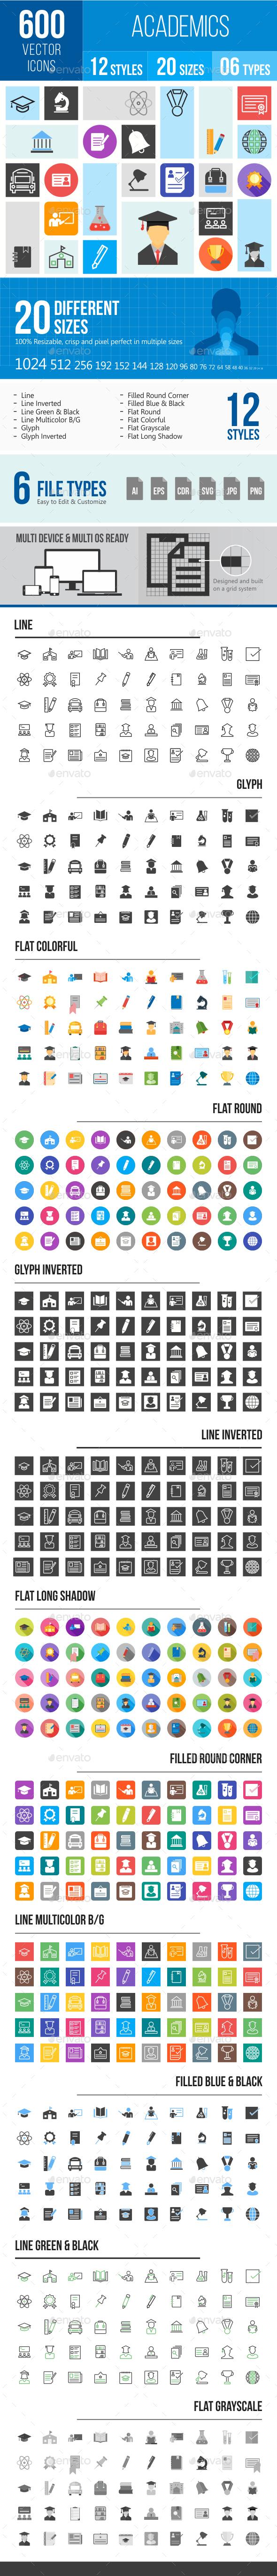 600 Academics Icons - Icons